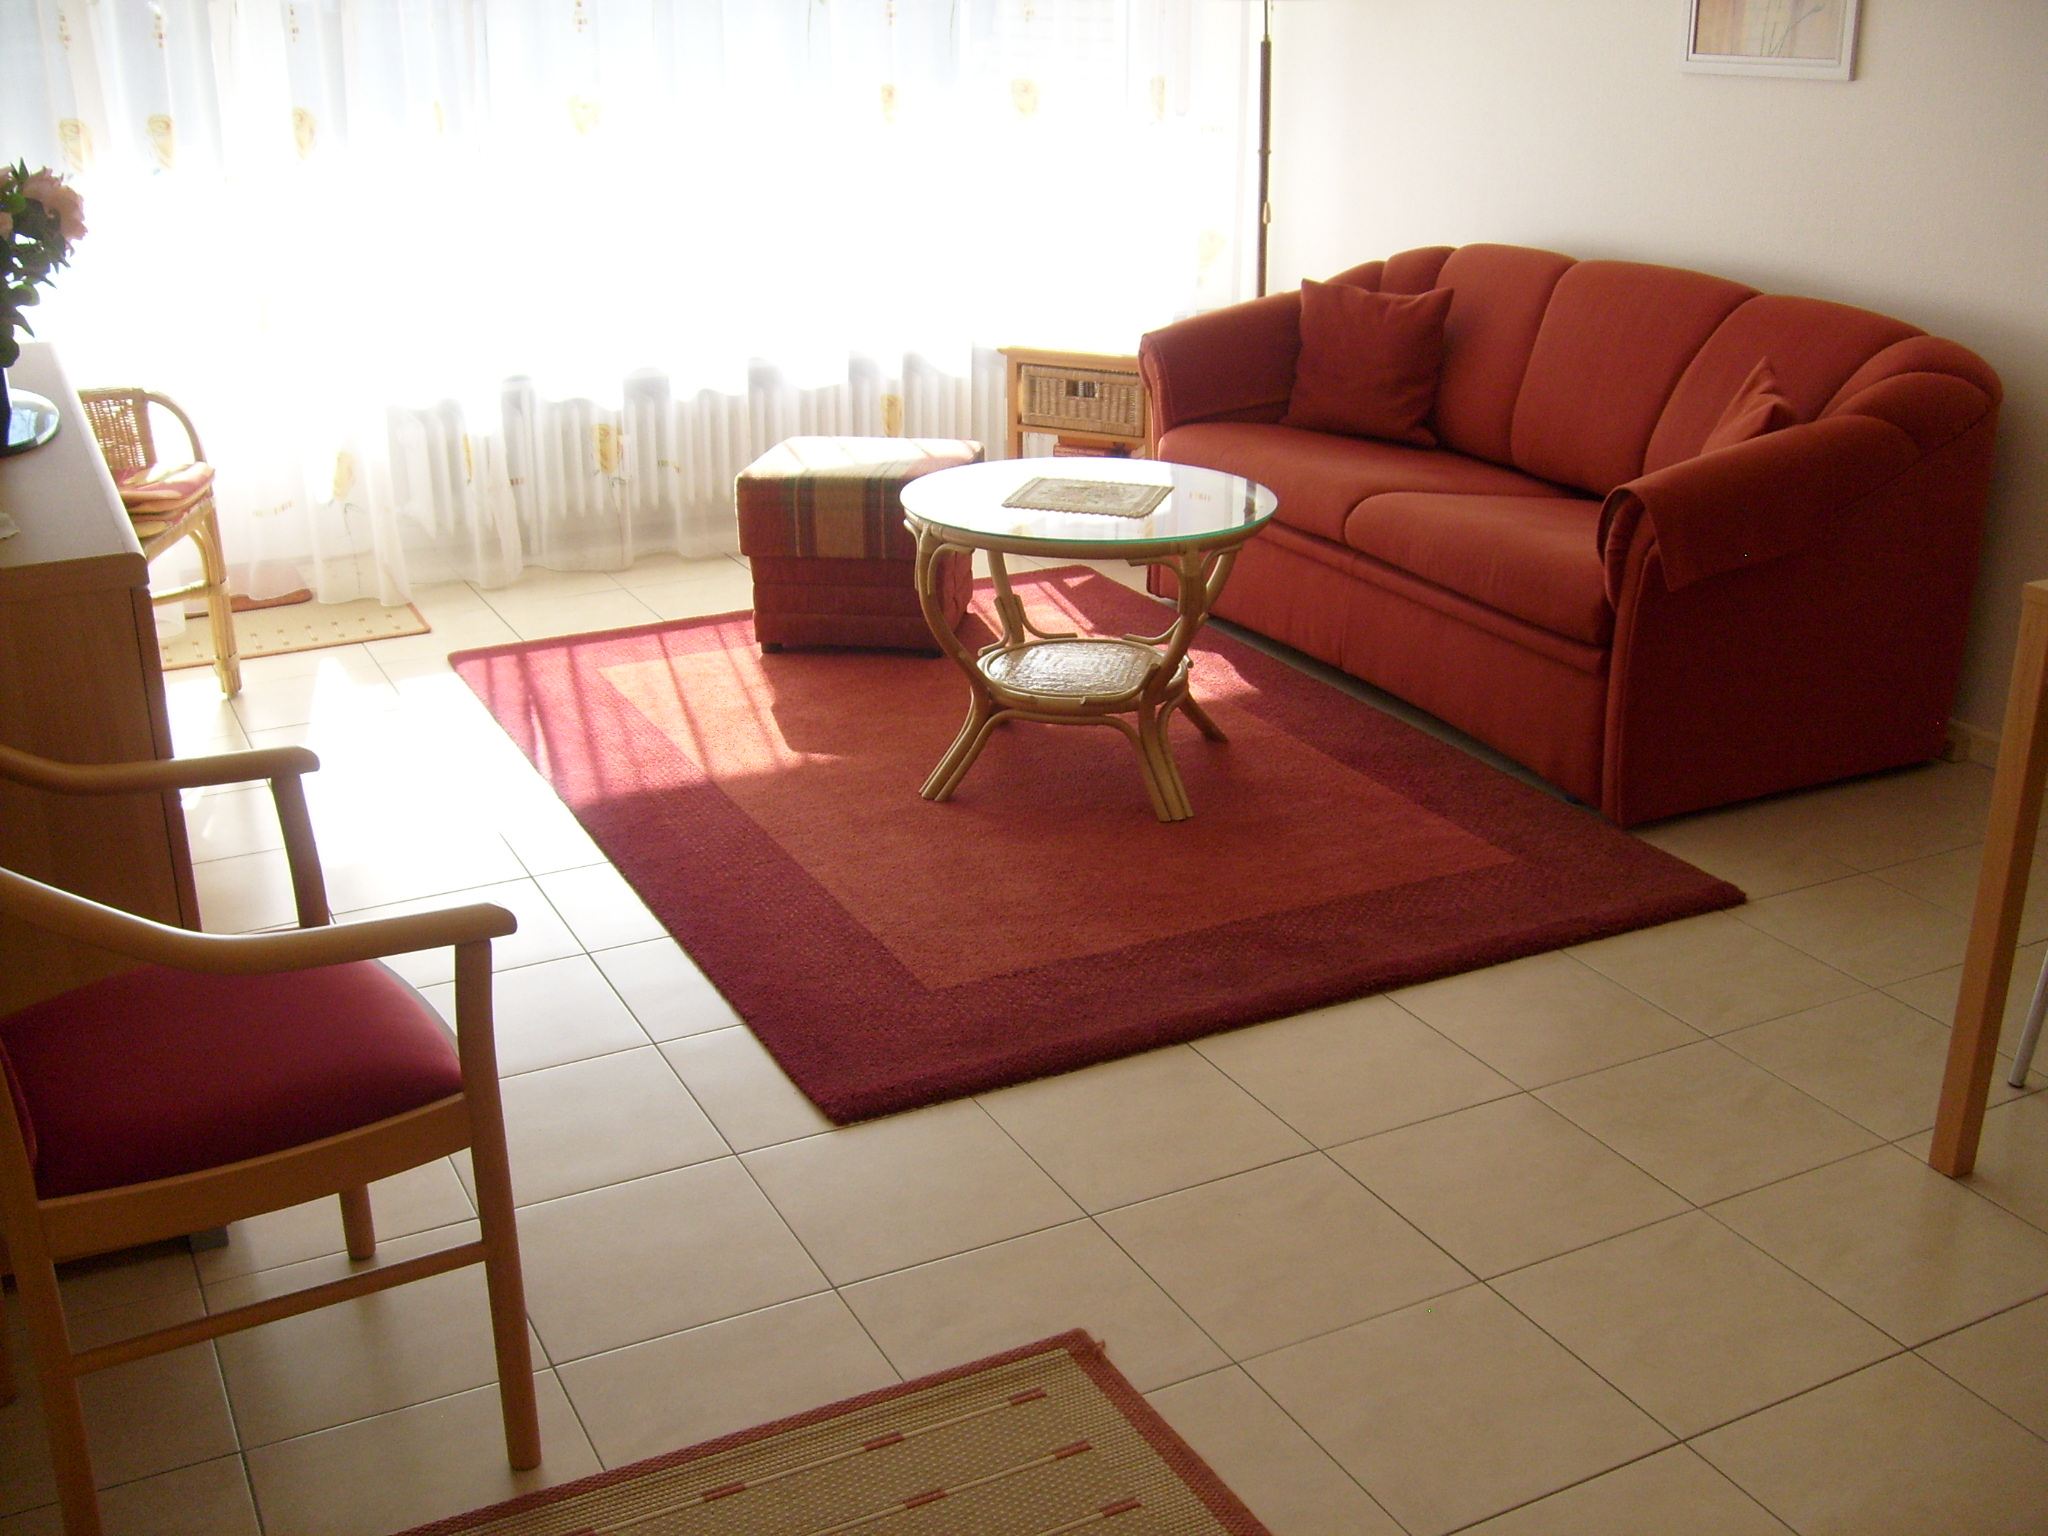 ferienwohnungen gr mitz ostsee strandnah. Black Bedroom Furniture Sets. Home Design Ideas